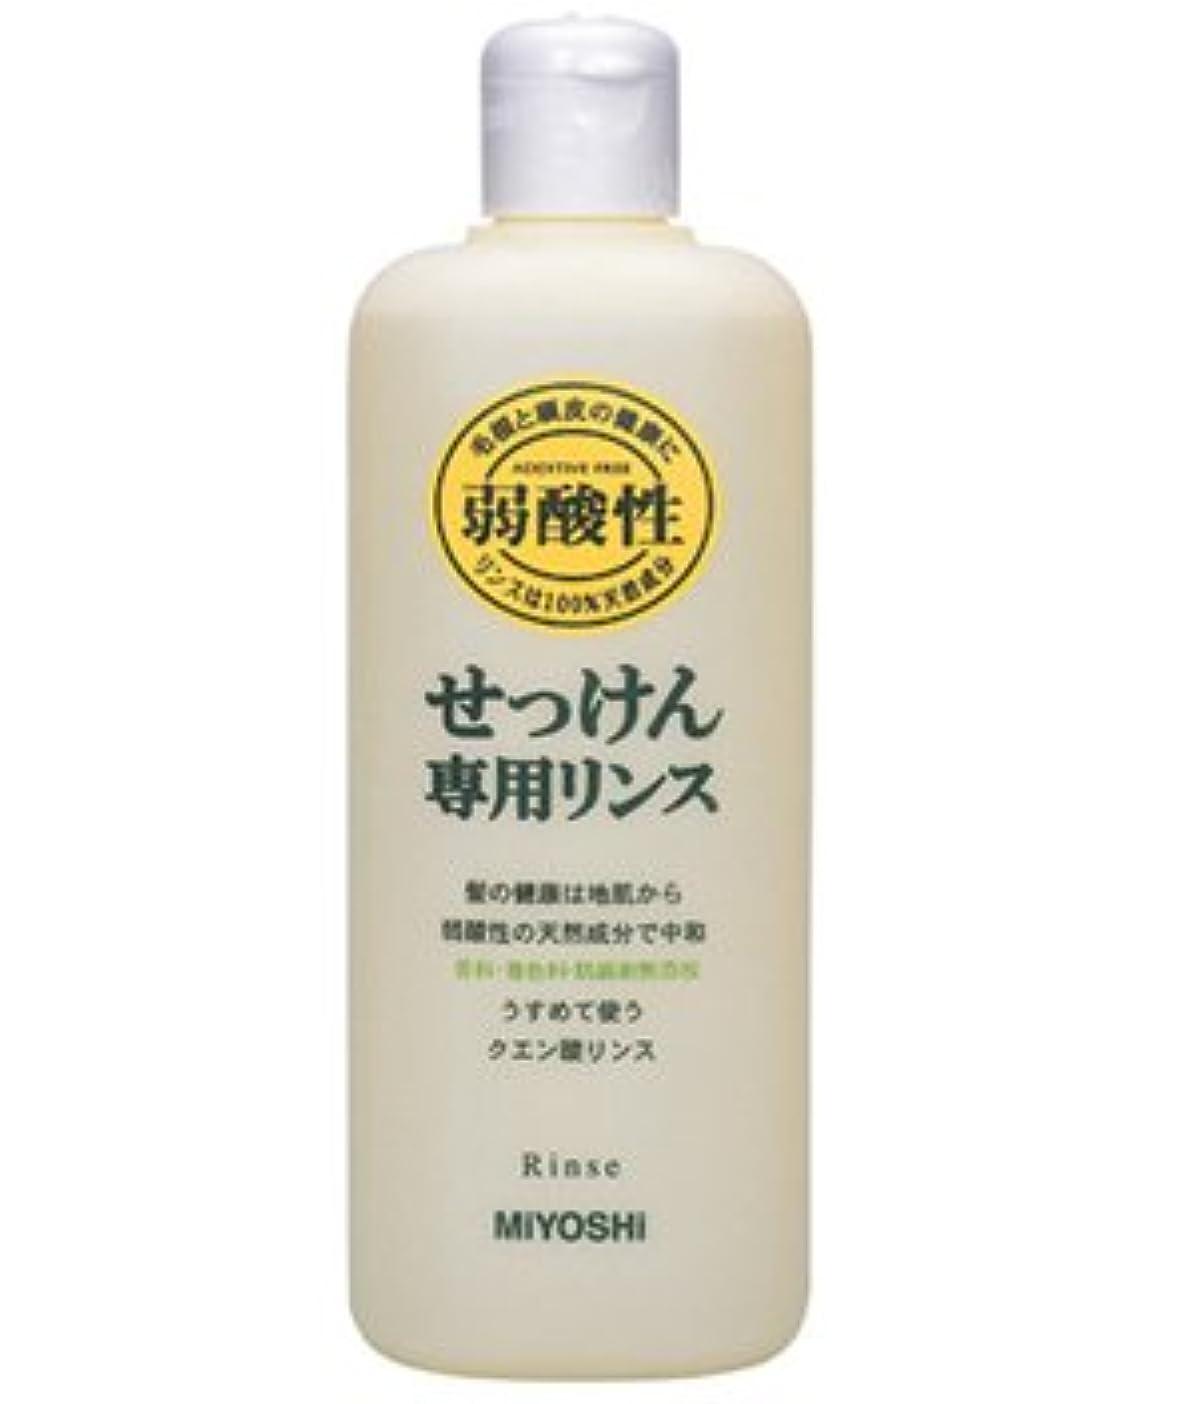 ピストル耐えるささいなミヨシ石鹸 無添加 せっけんシャンプー専用リンス レギュラー 350ml(石鹸シャンプー用 弱酸性リンス) ×20点セット (4904551200307)